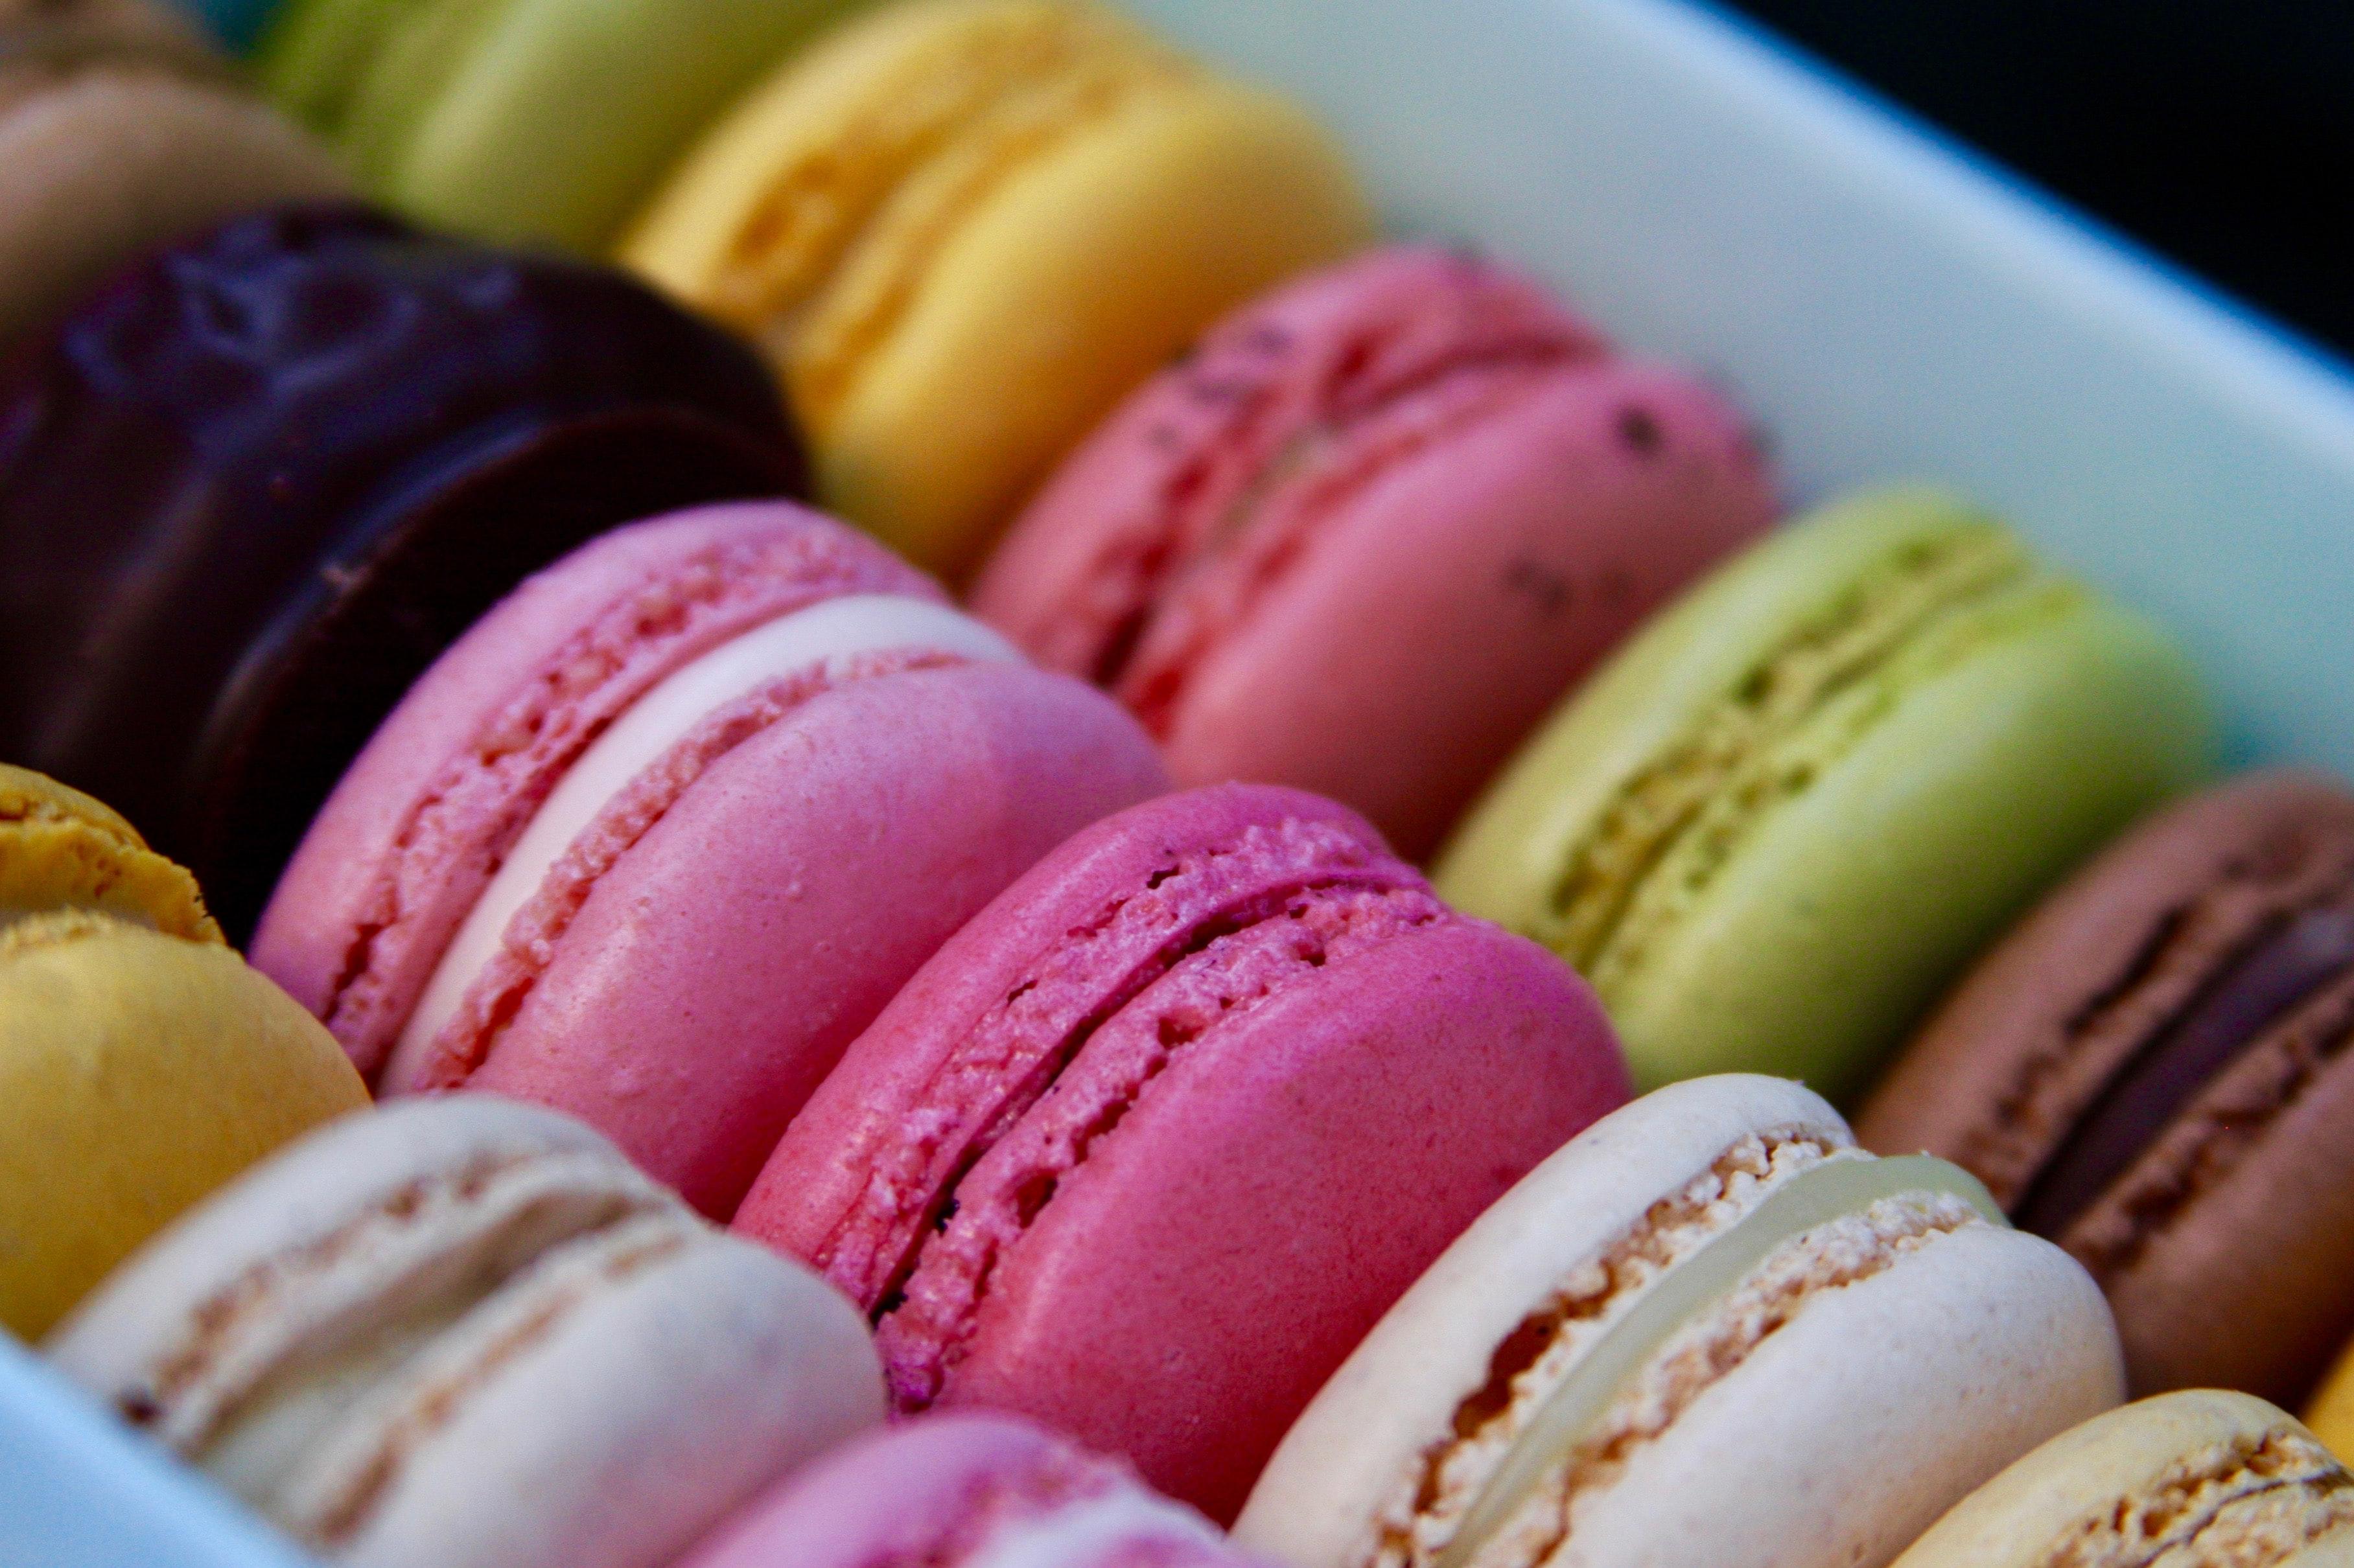 Laduree's Macarons